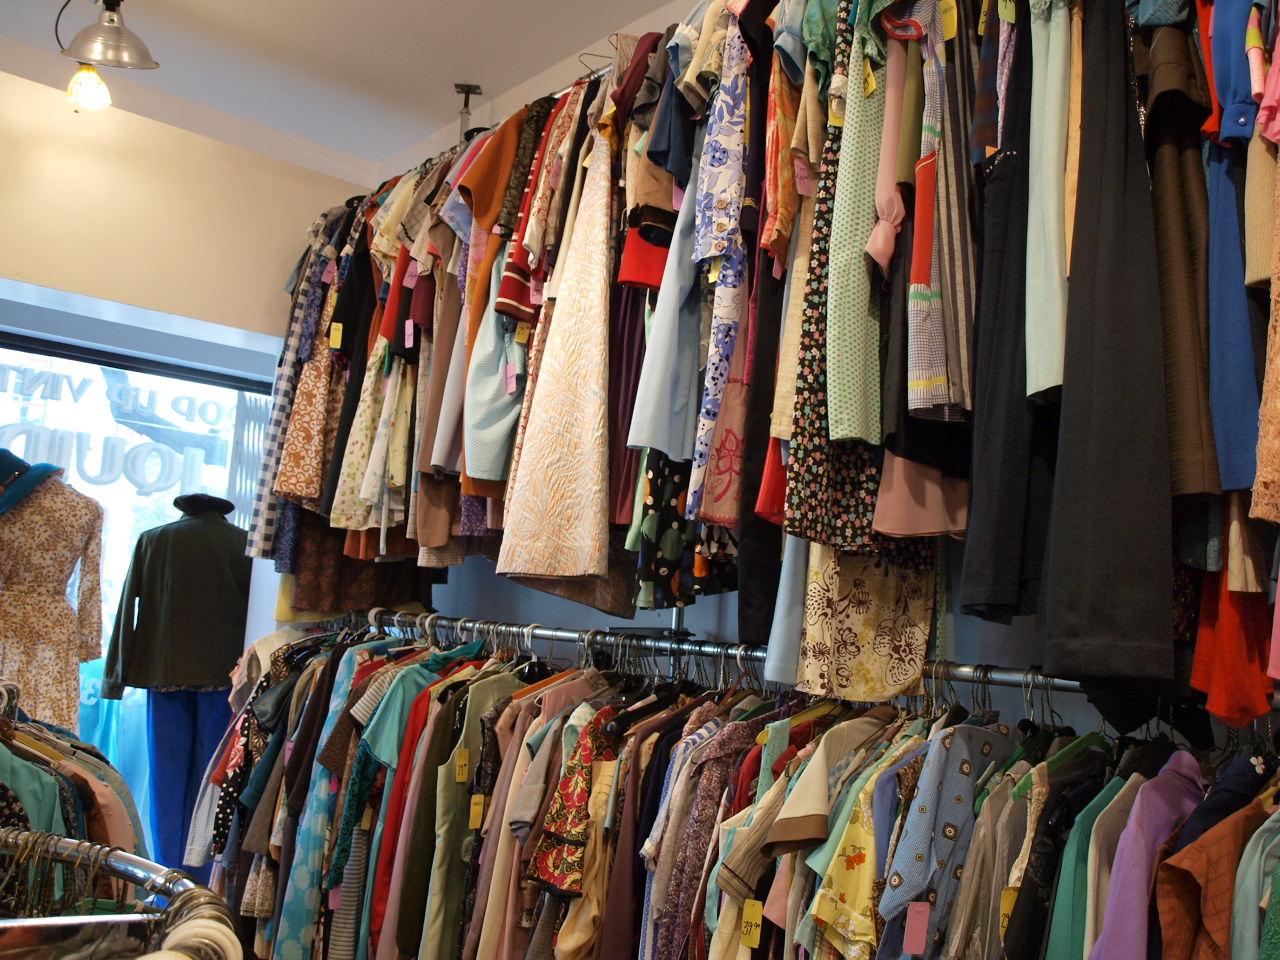 Gadabout Vintage Vintage Clothing, Nostalgia, Ephemera